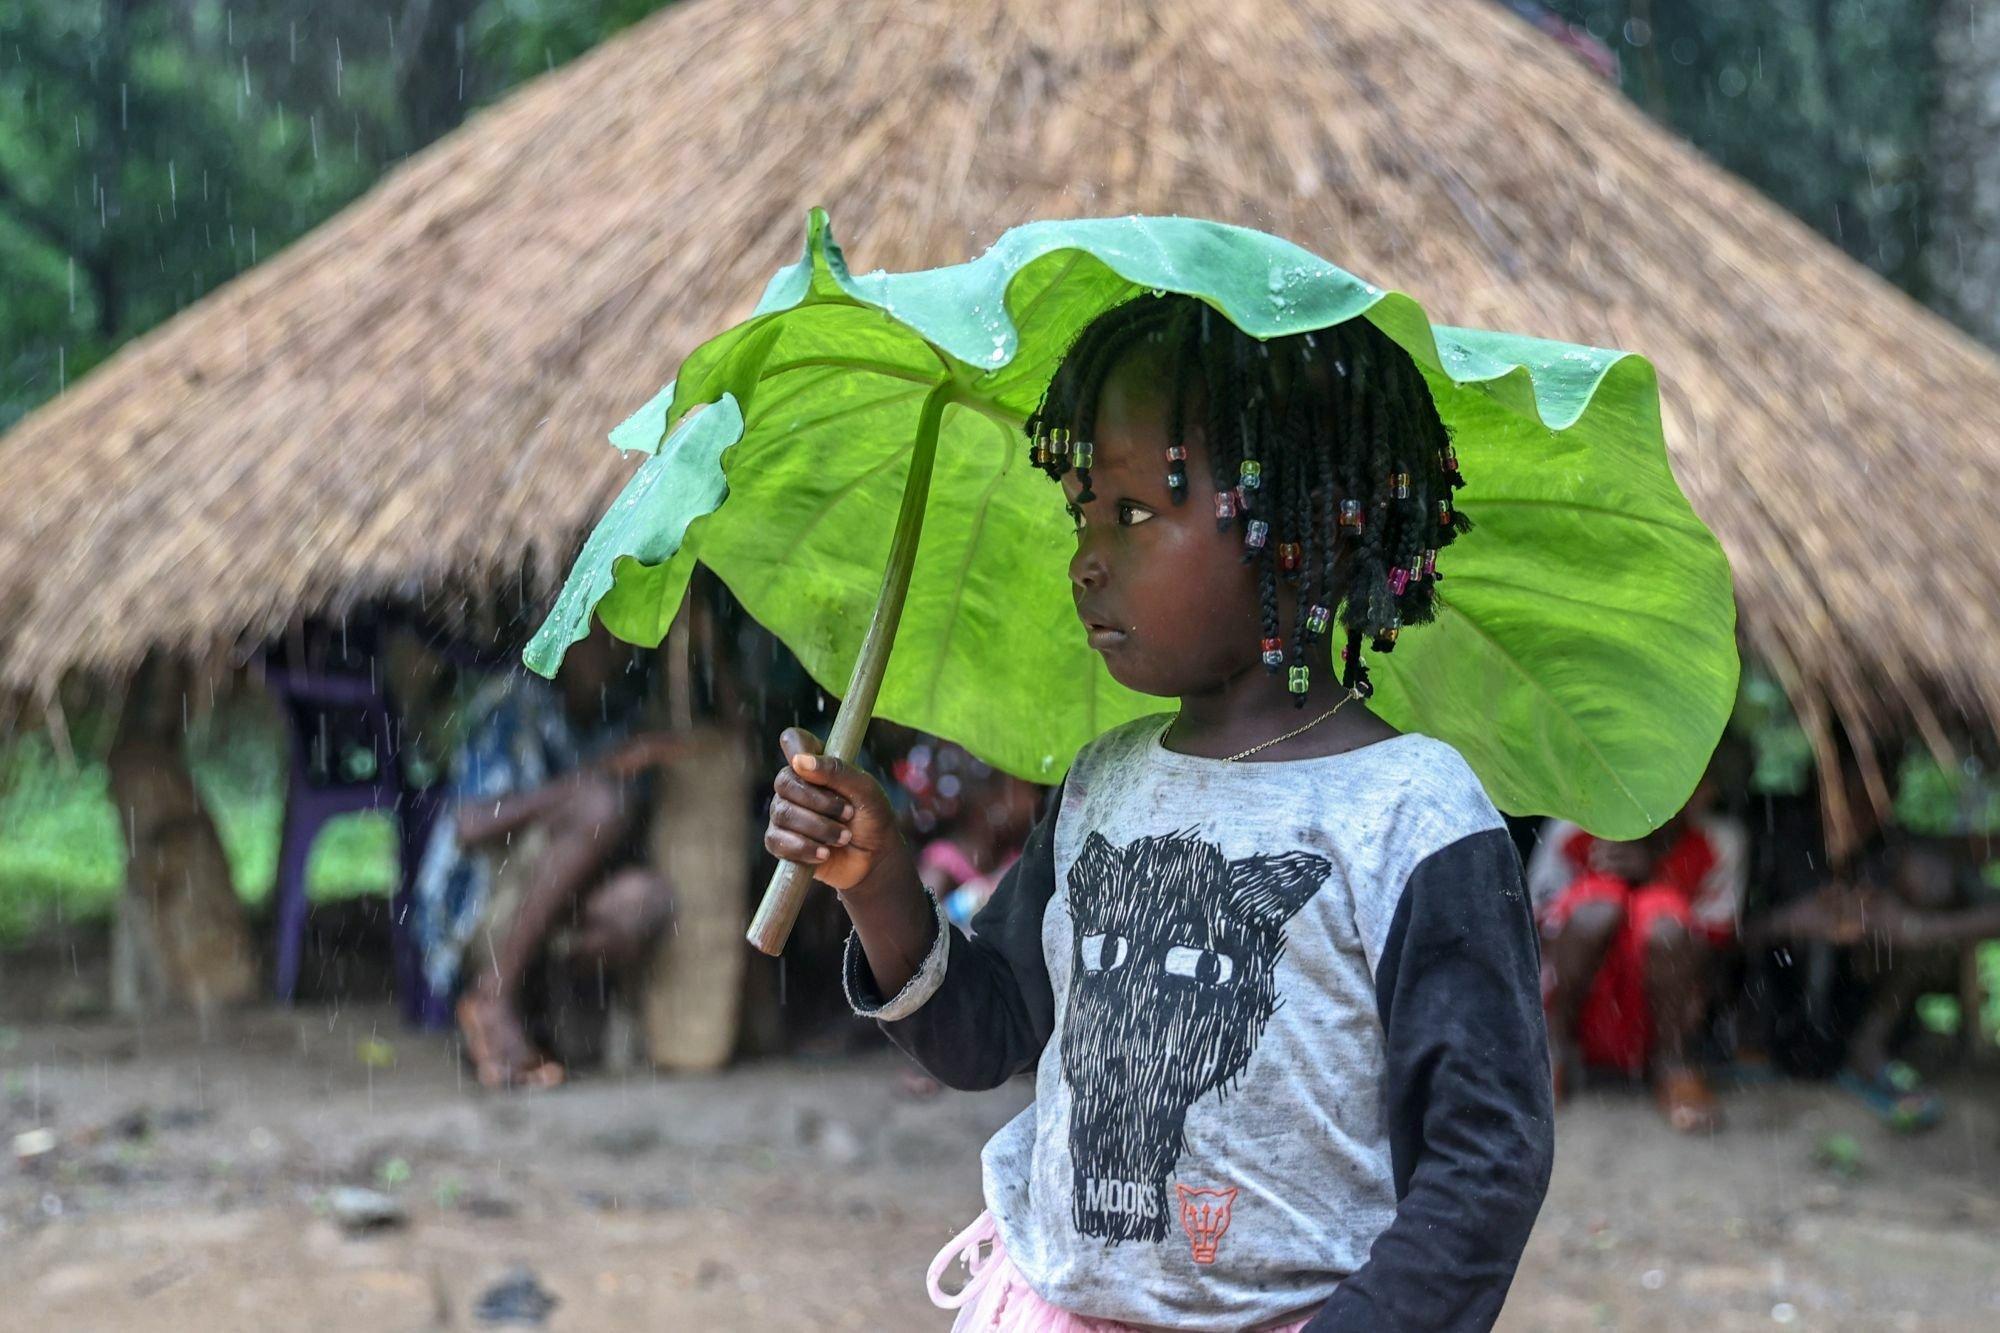 Ein Kind in Guinea im Regen benutzt ein Blatt als Regenschirm